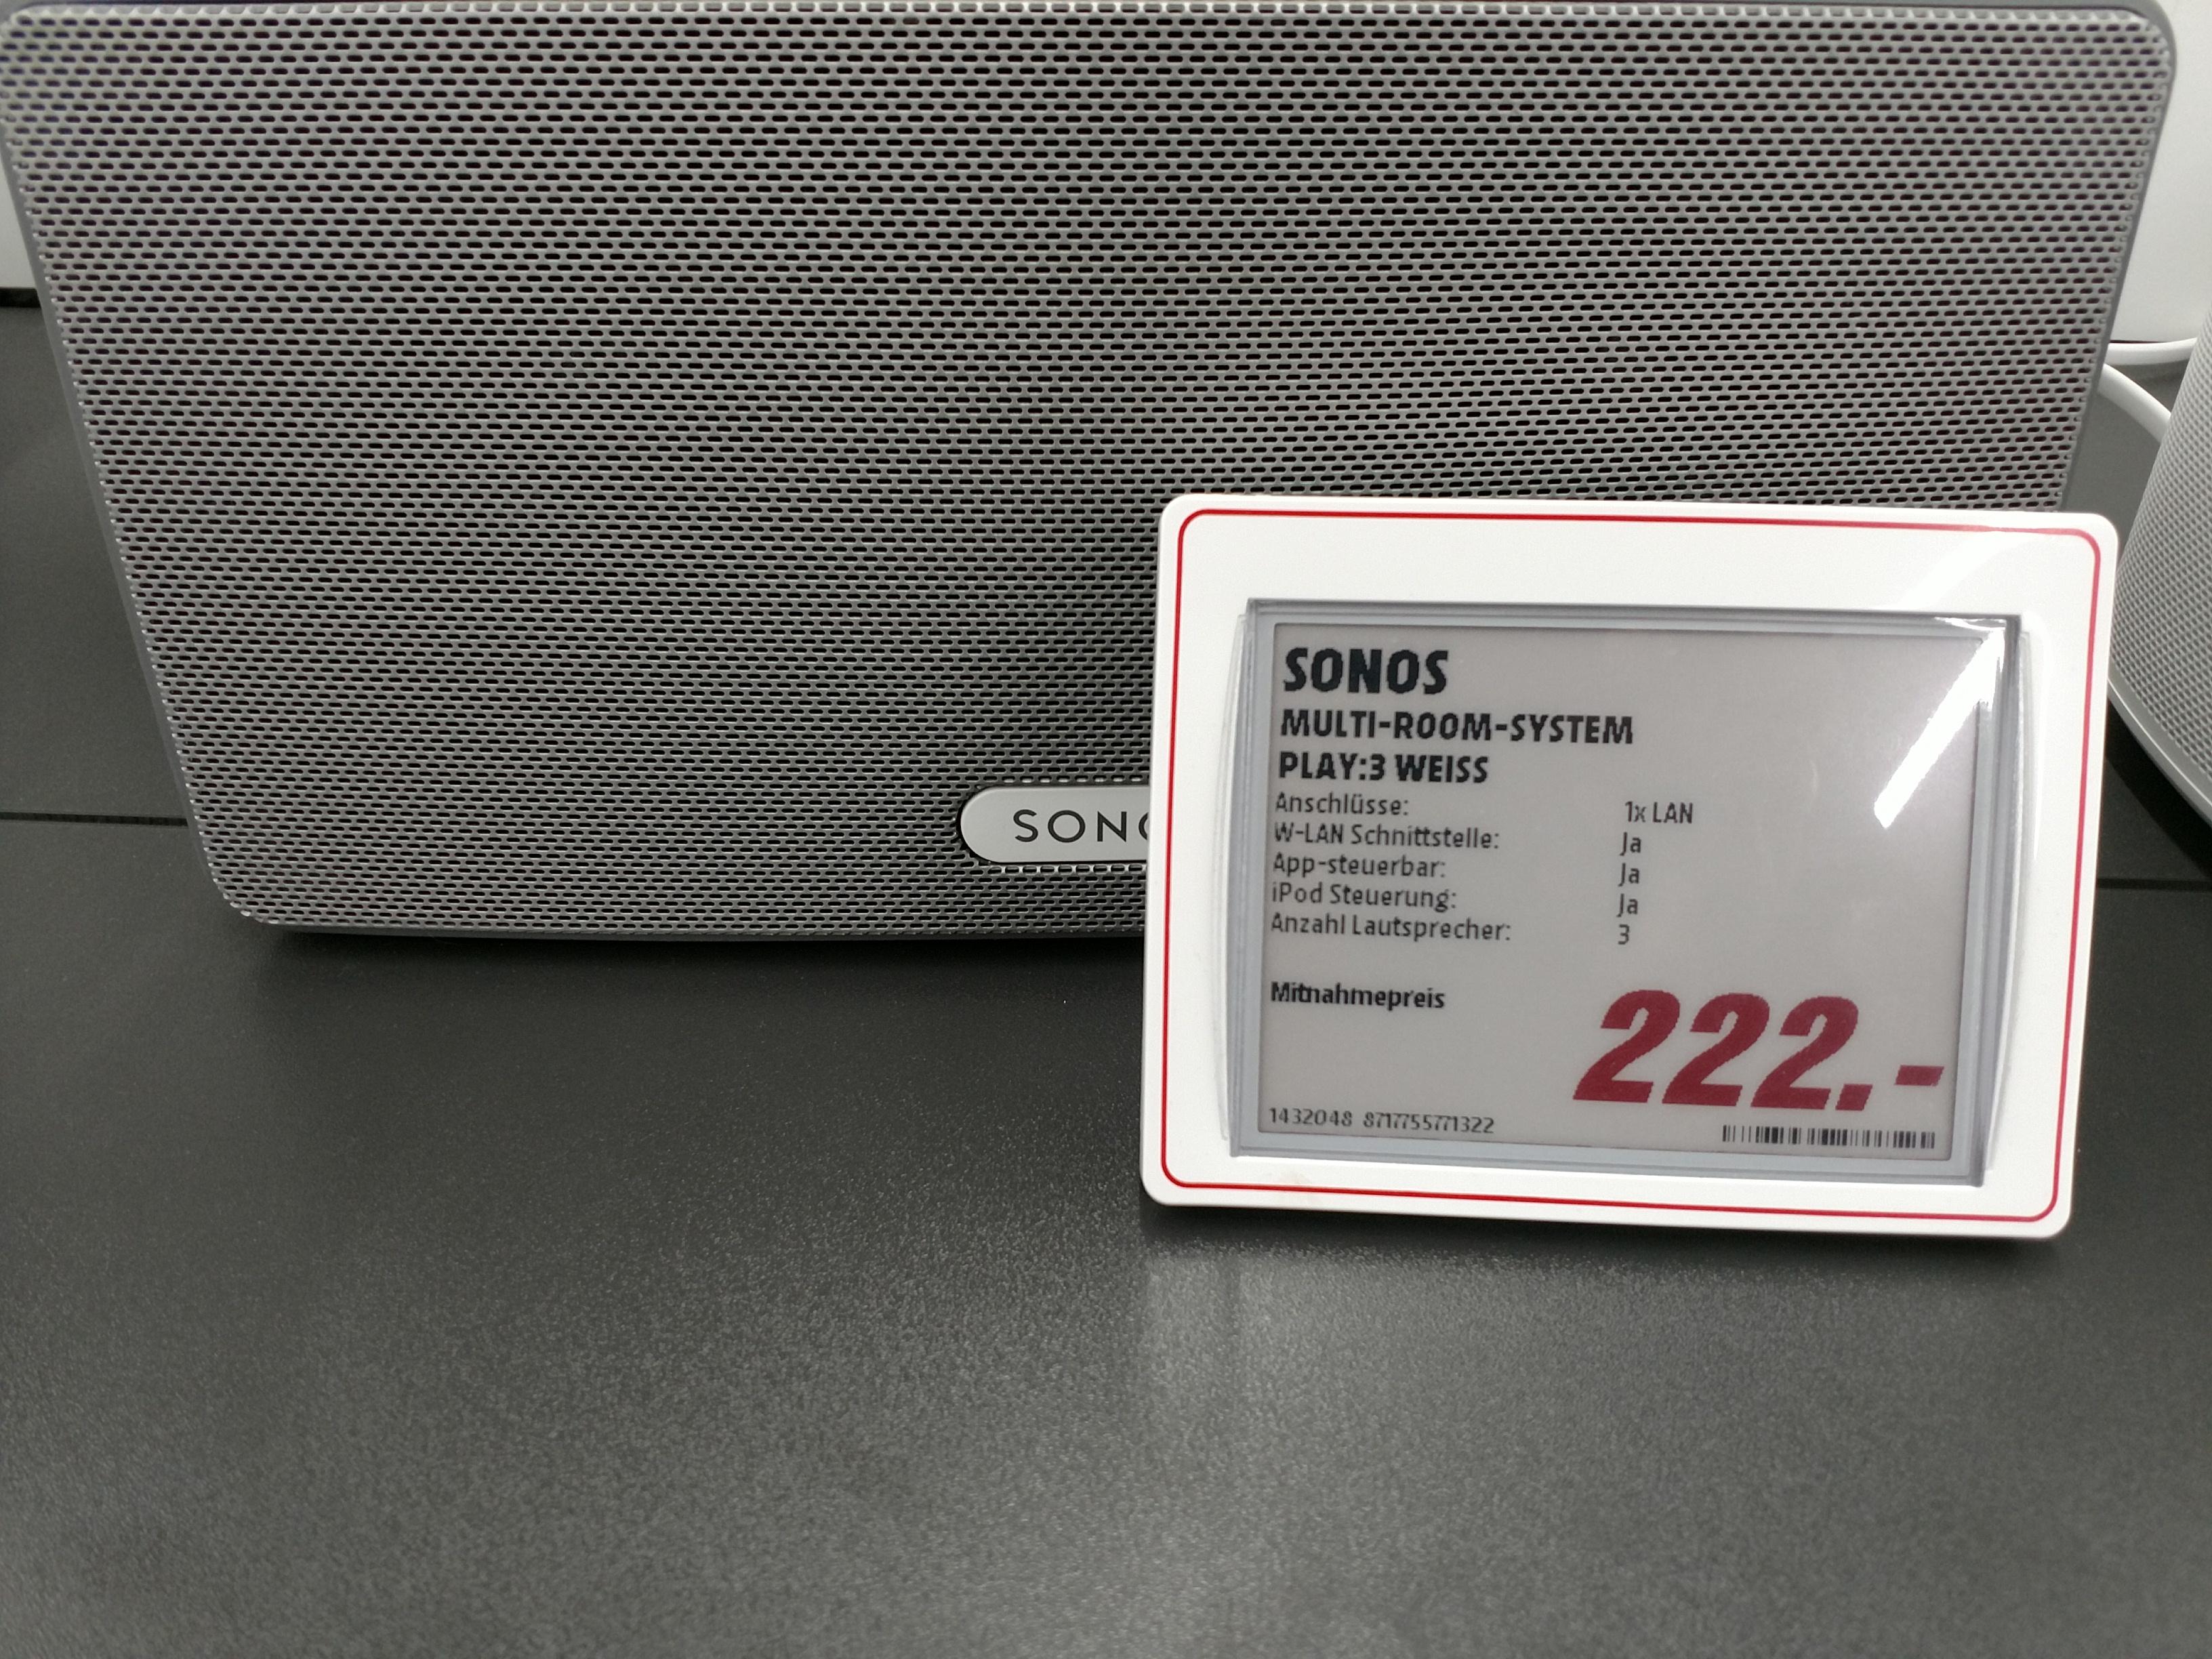 Sonos Play 3 Media Markt